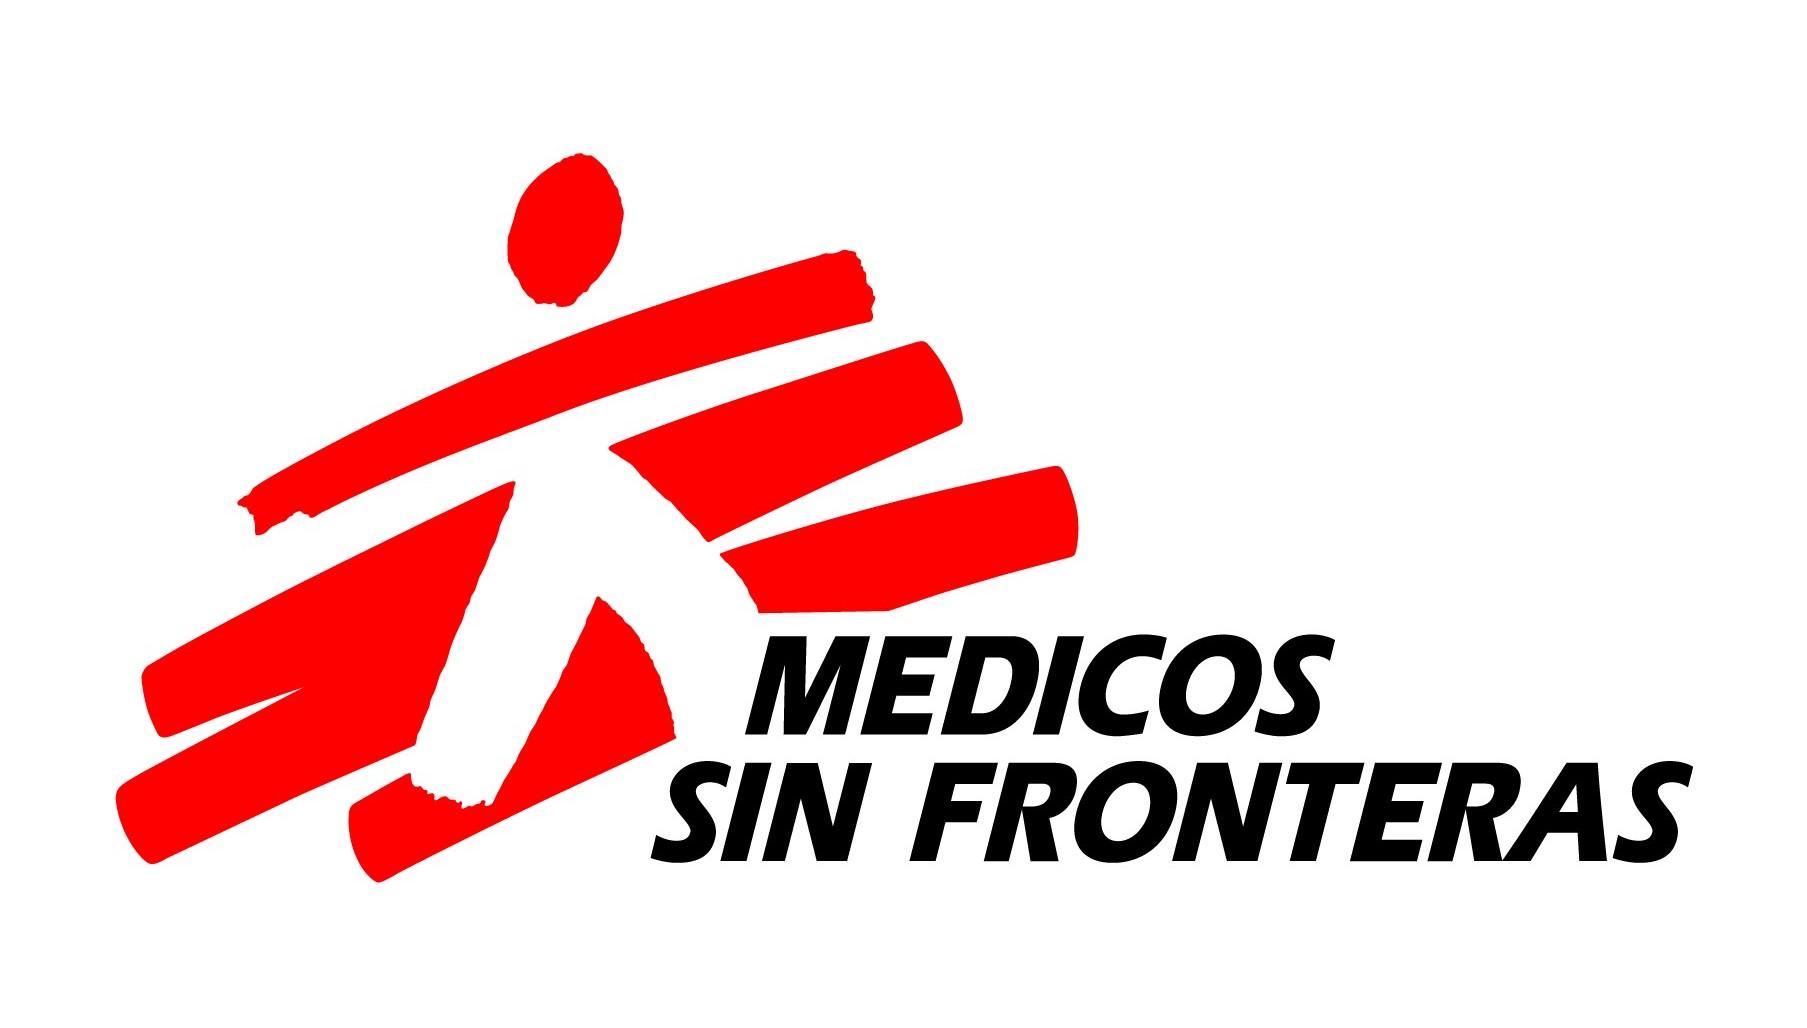 1. Cine solidario Médicos sin Fronteras